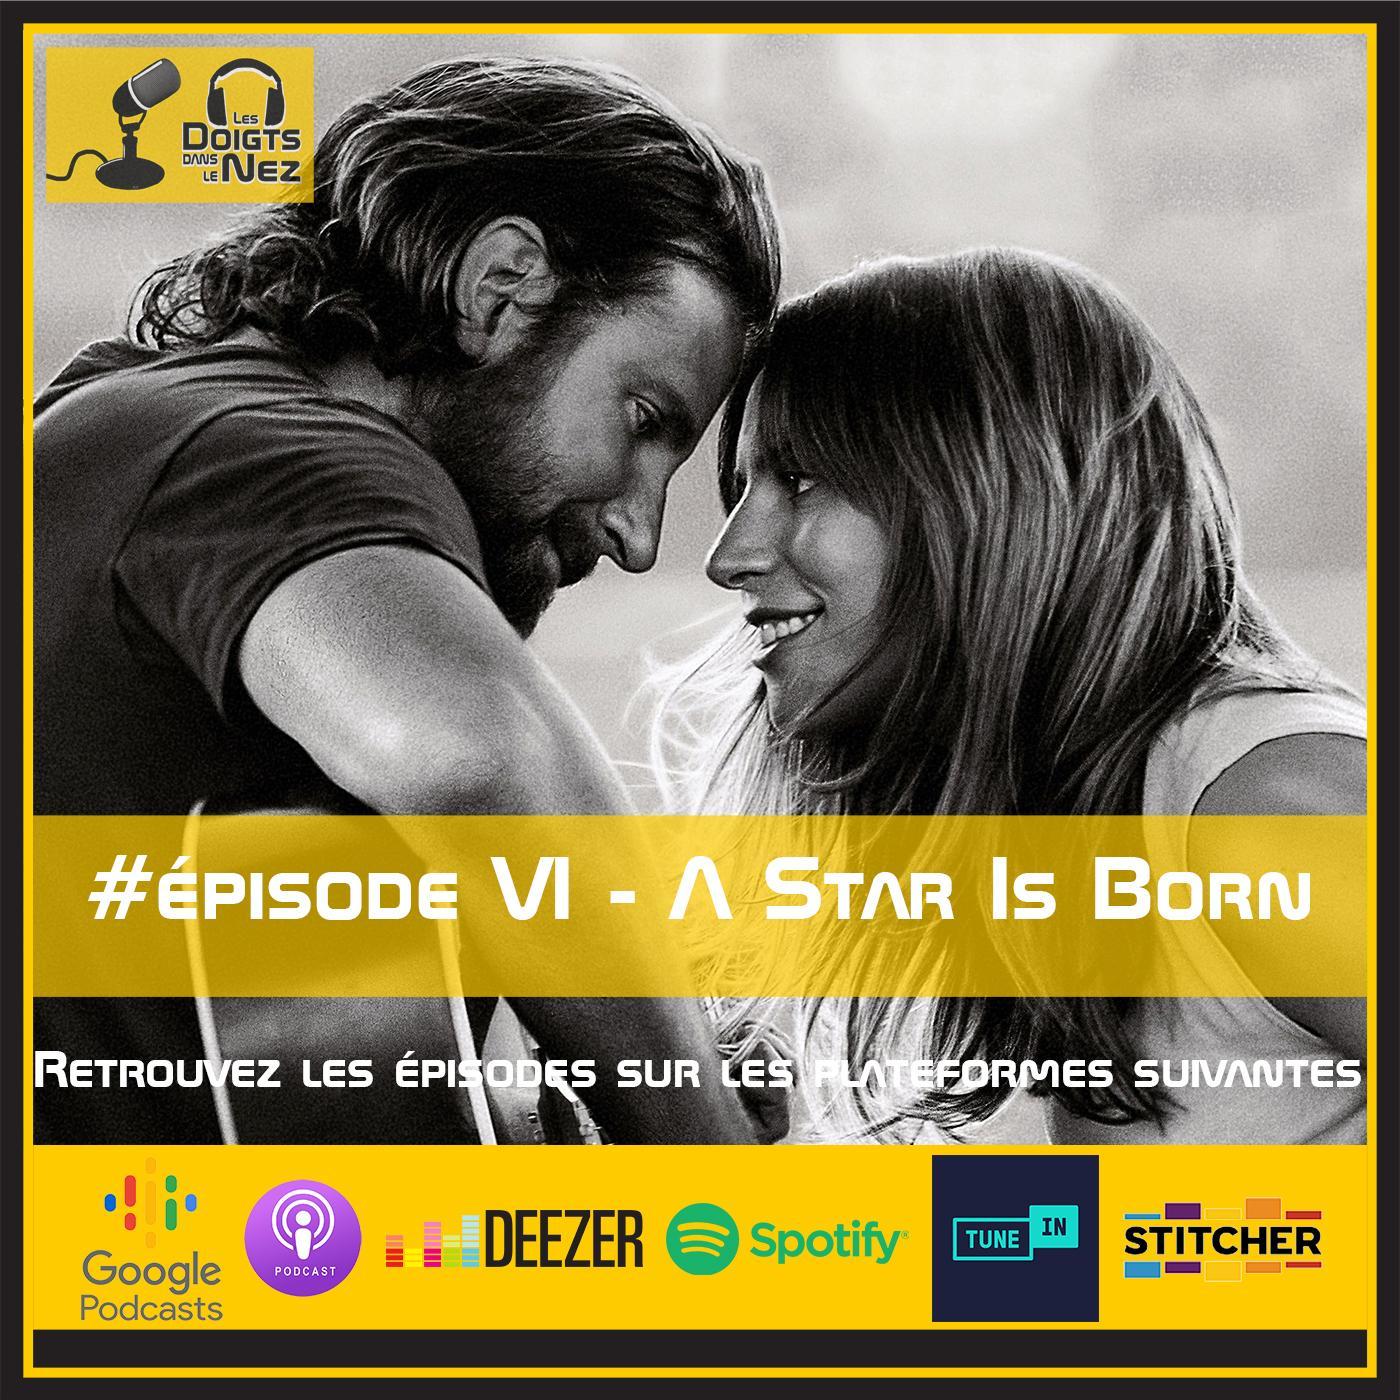 #Episode VI - A Star Is Born